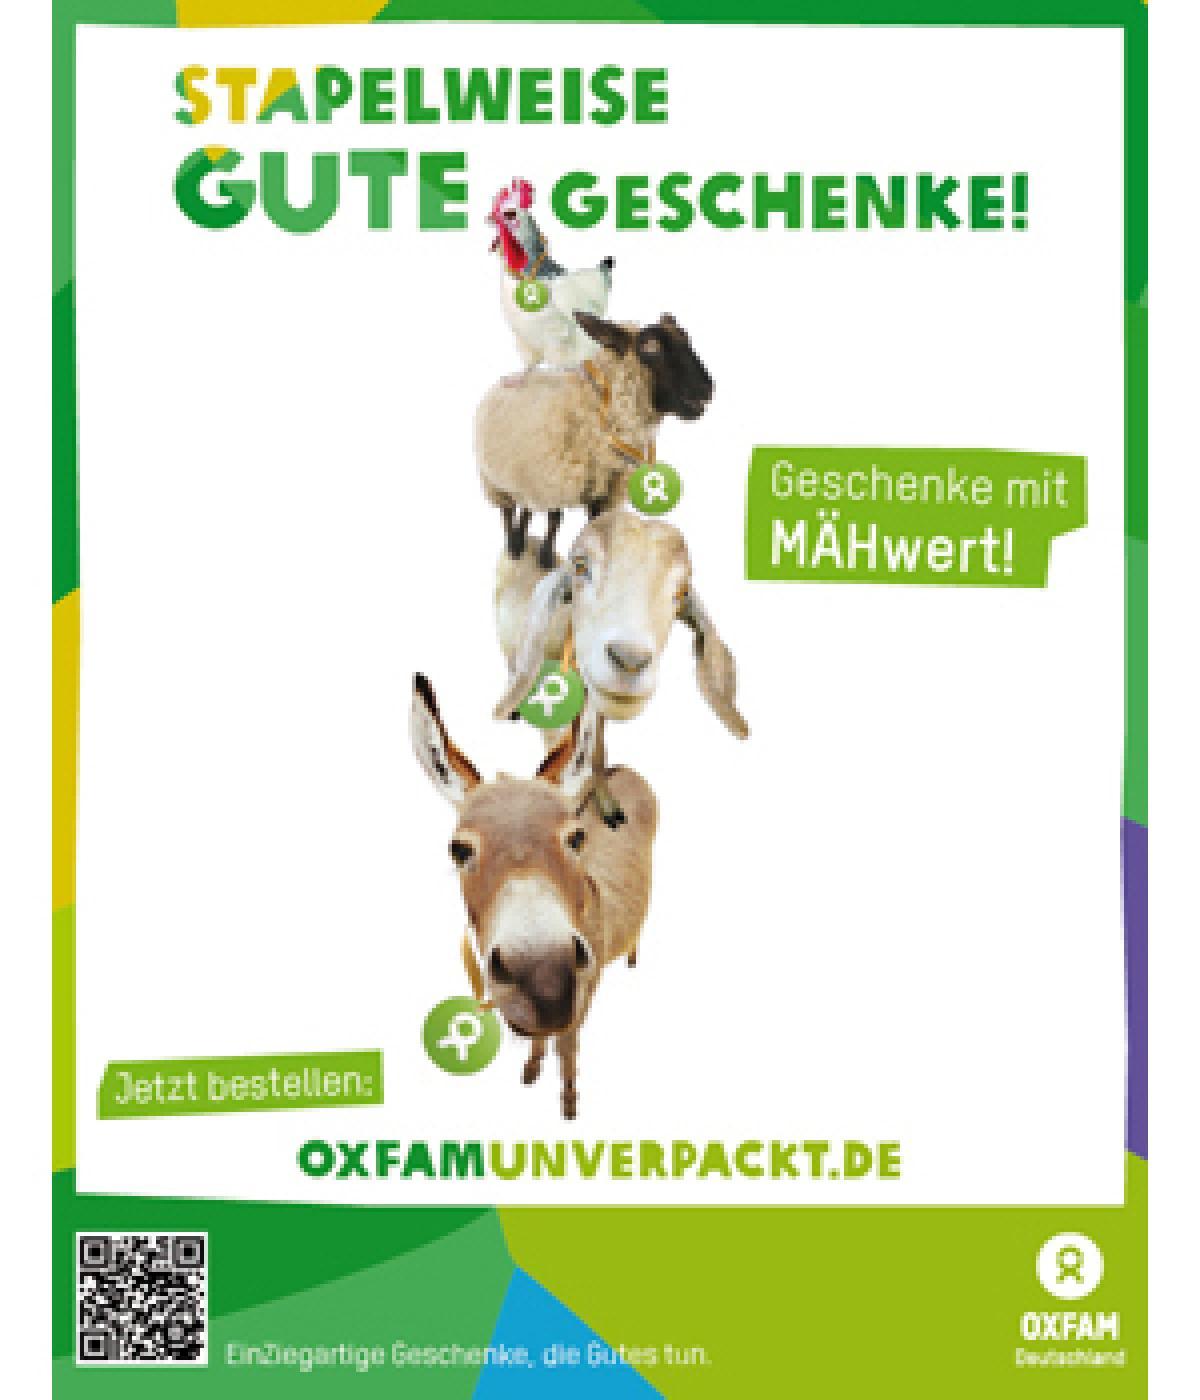 Freianzeige Oxfam Unverpackt Stapelweise Gute Geschenke